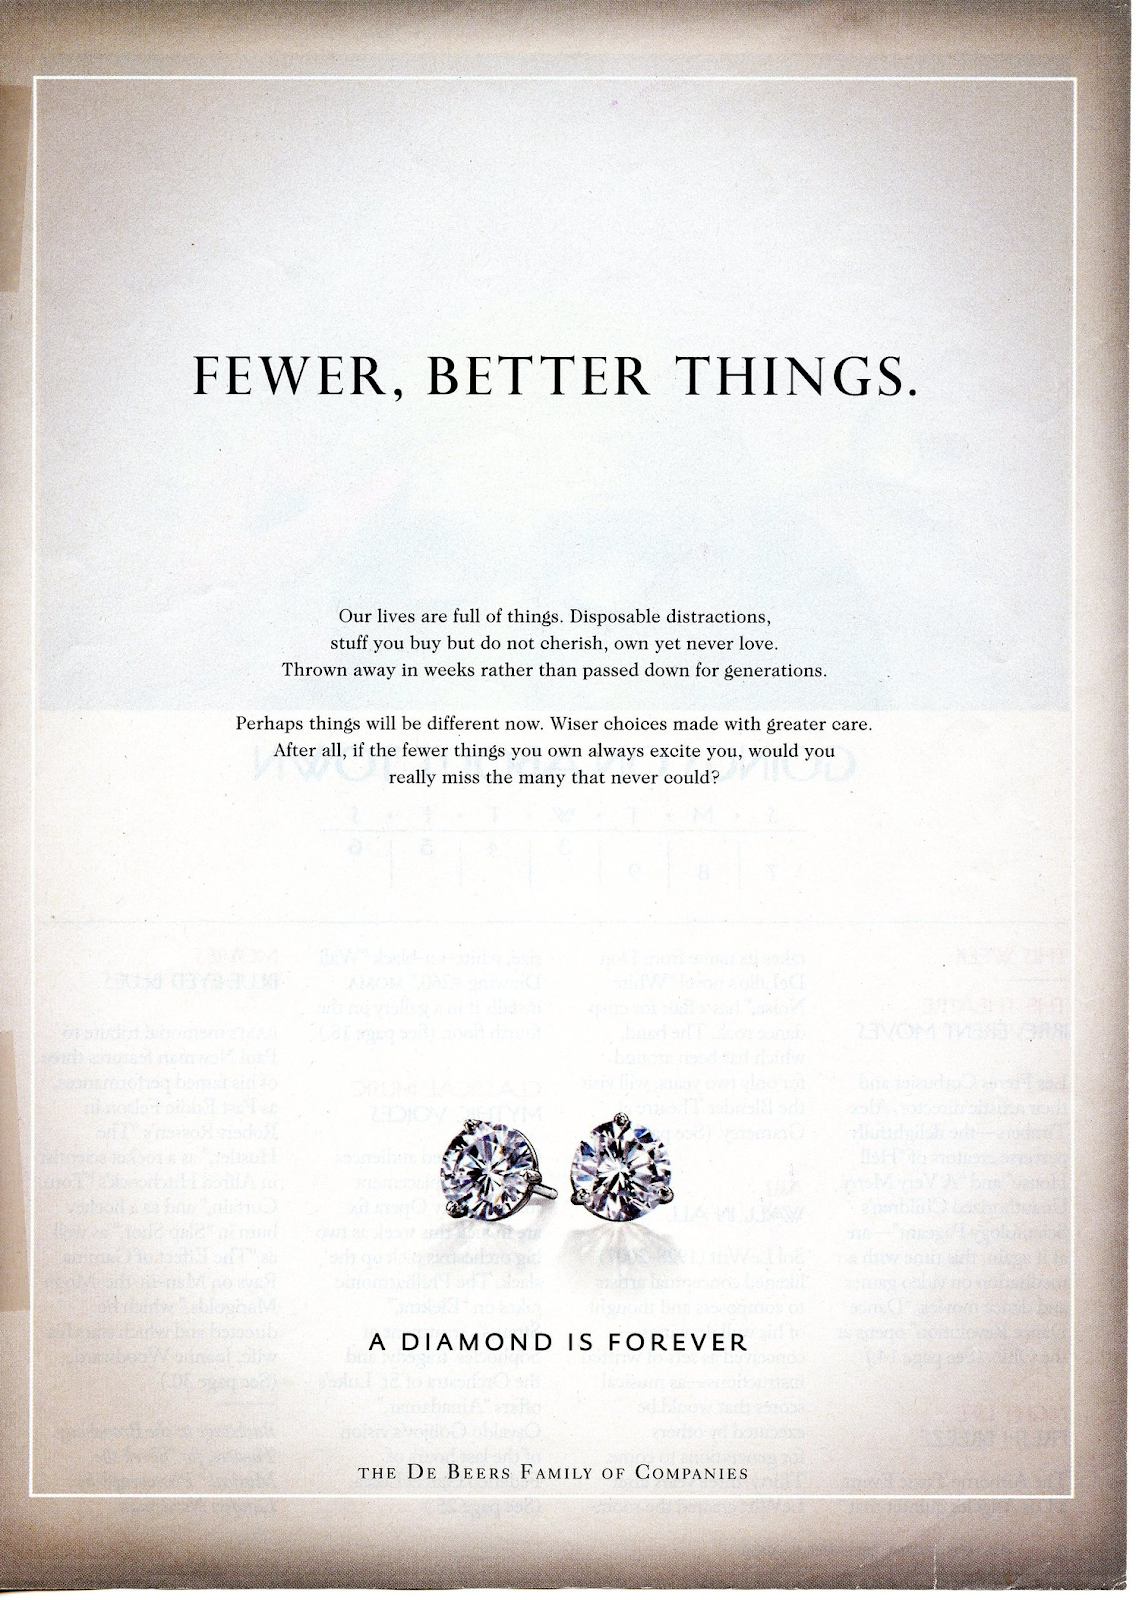 esempio di annuncio pubblicitario durante la recessione.